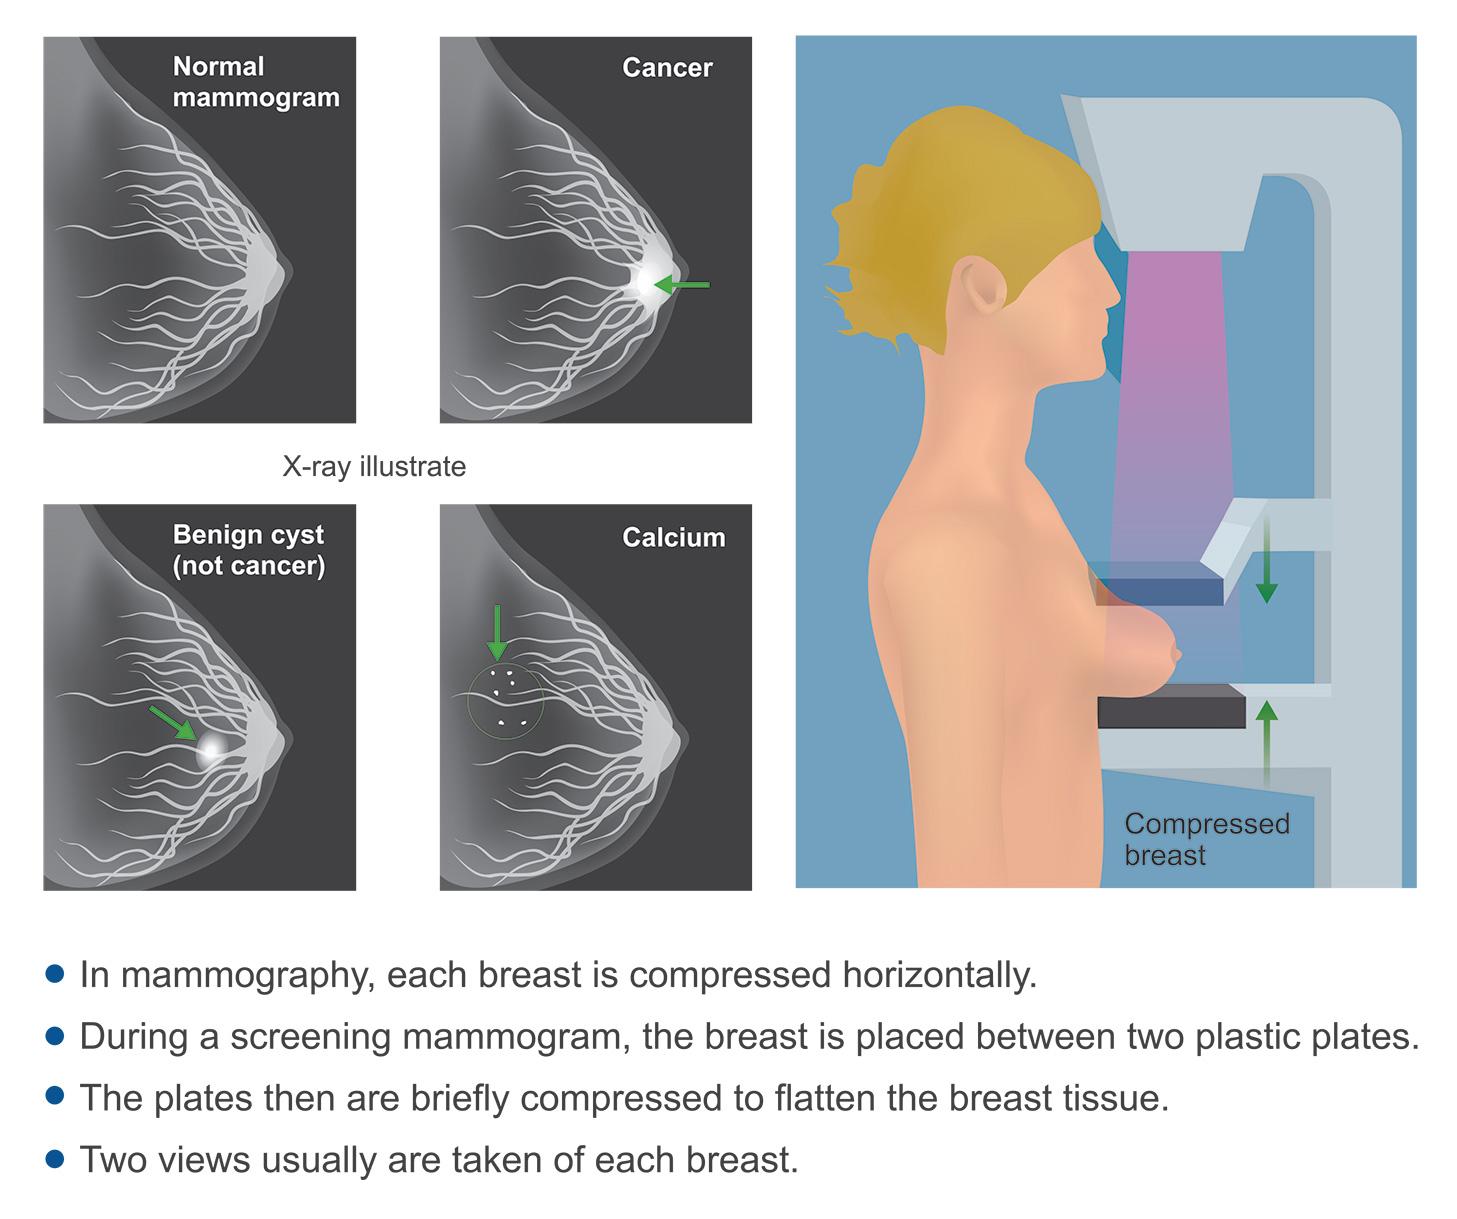 ماموگرافی چگونه انجام میشود